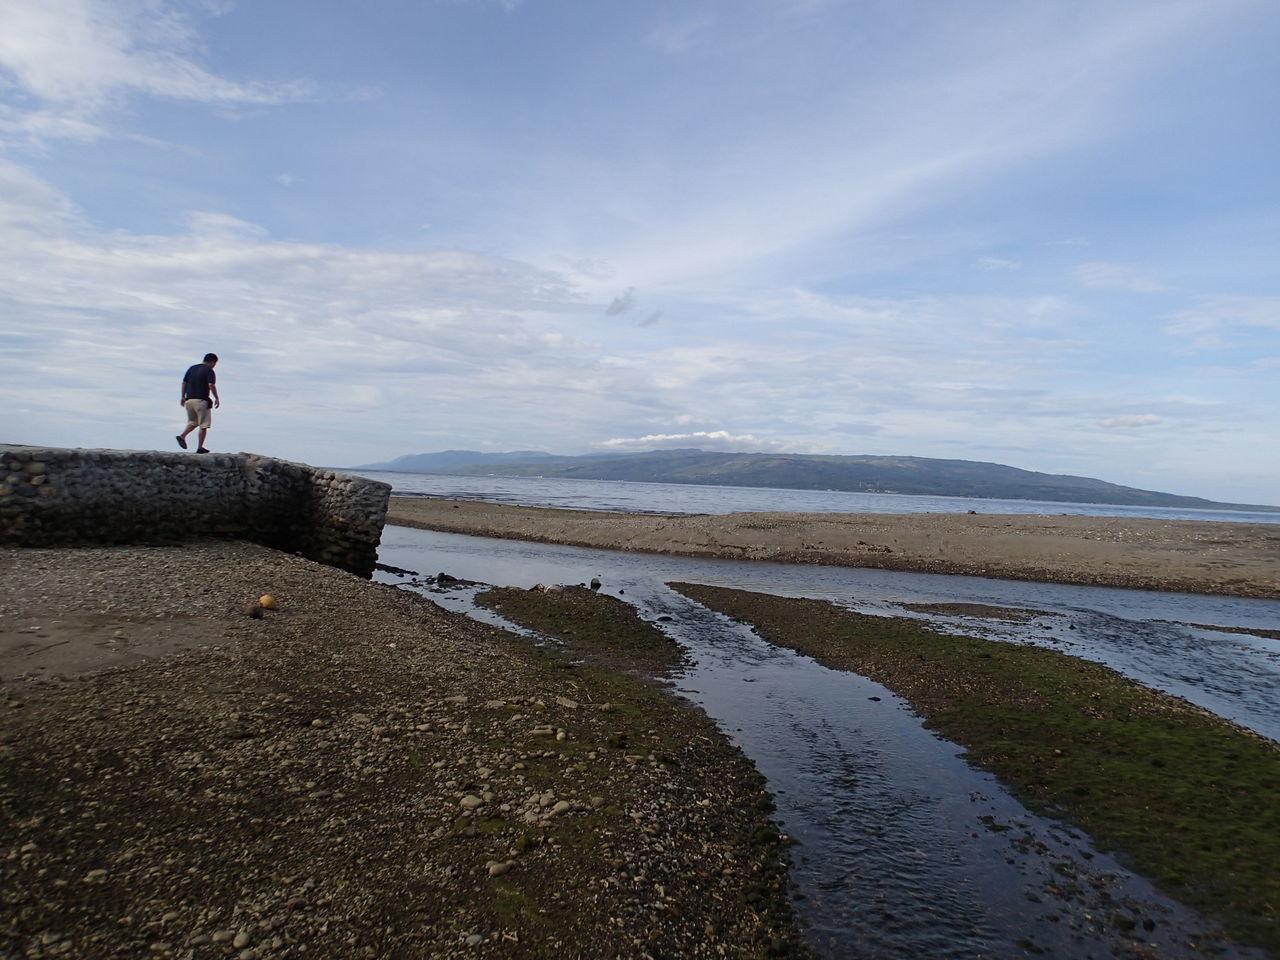 ドゥマゲテ新規ビーチ付売地情報 スミロン島、セブ島目の前のビーチ付不動産